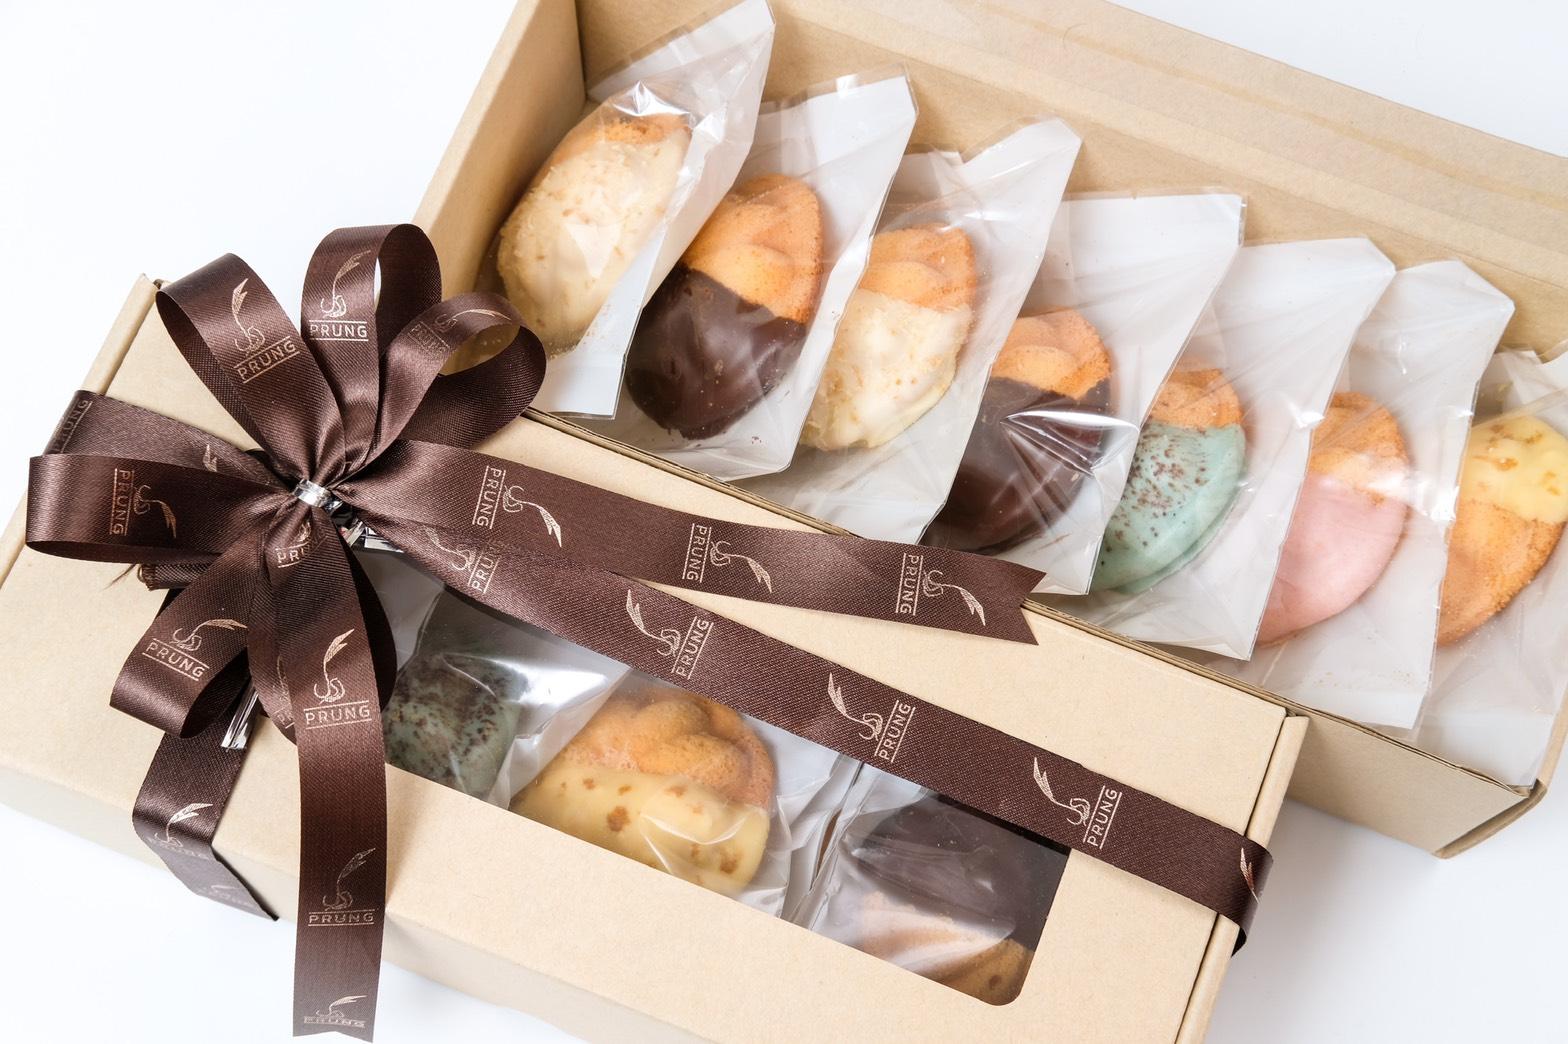 ชุดกล่องของขวัญขนมไข่เคลือบรวมรส